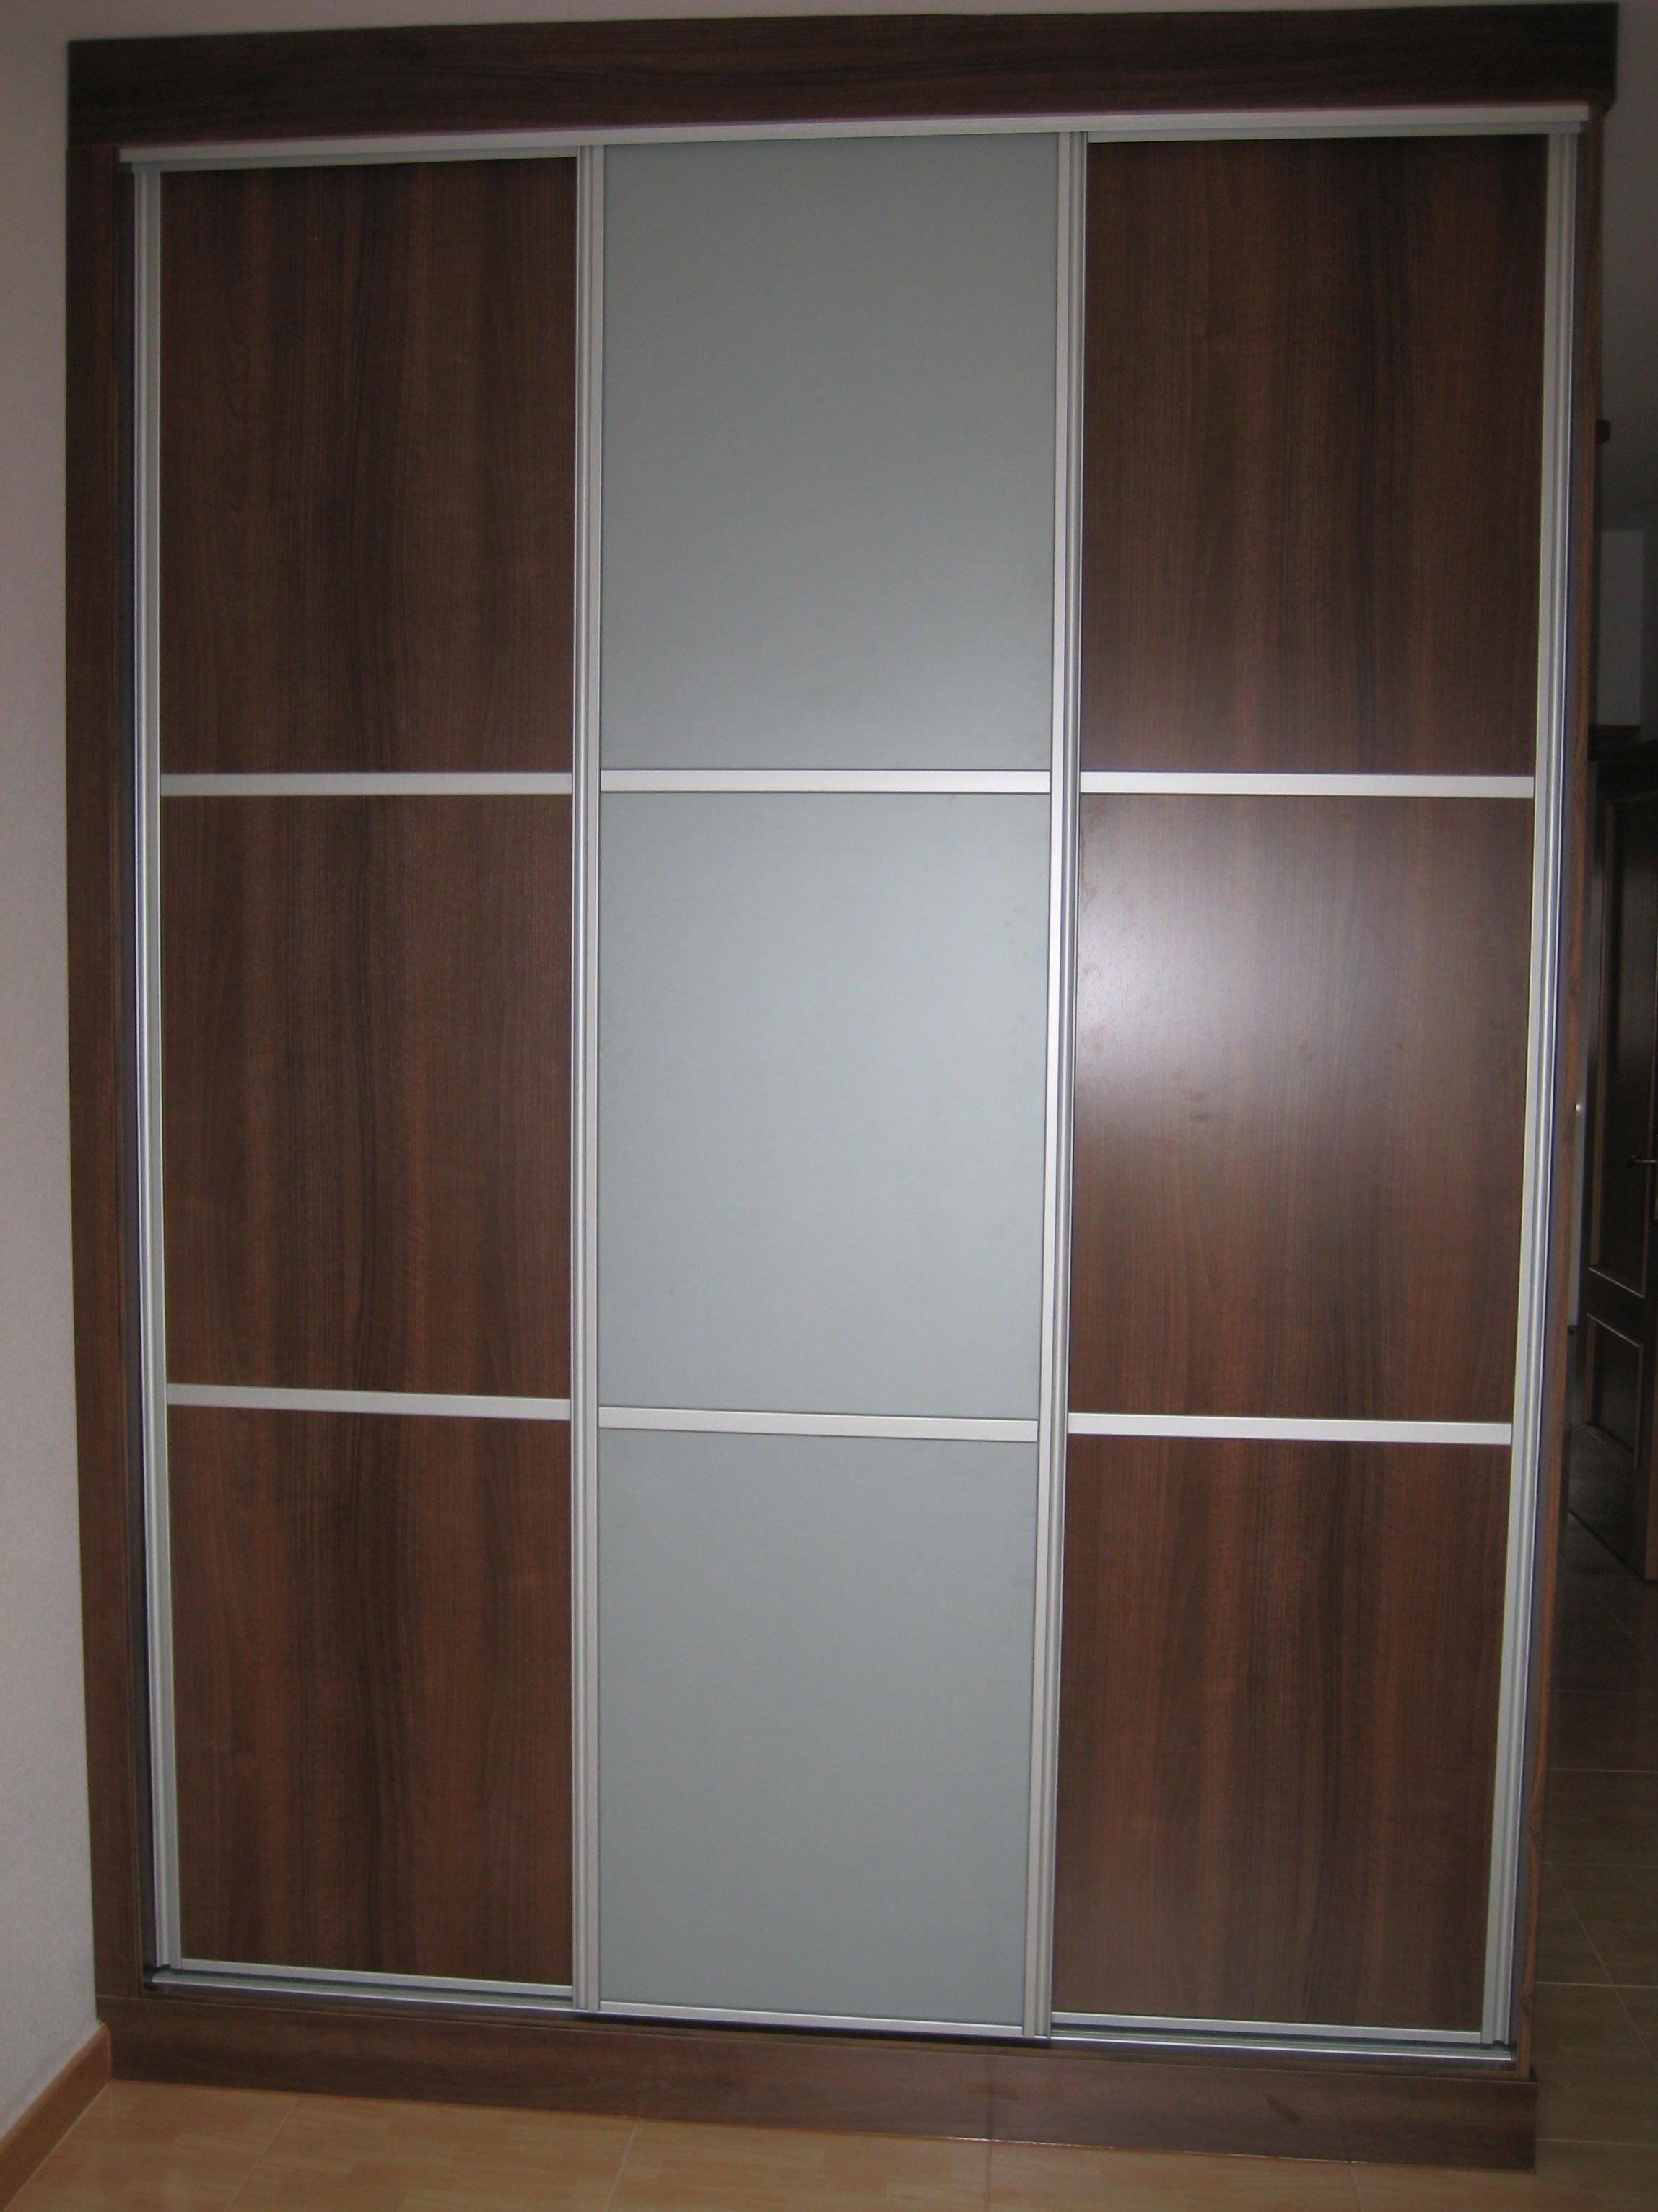 Frente de armario color nogal y cristal opaco con fondo gris